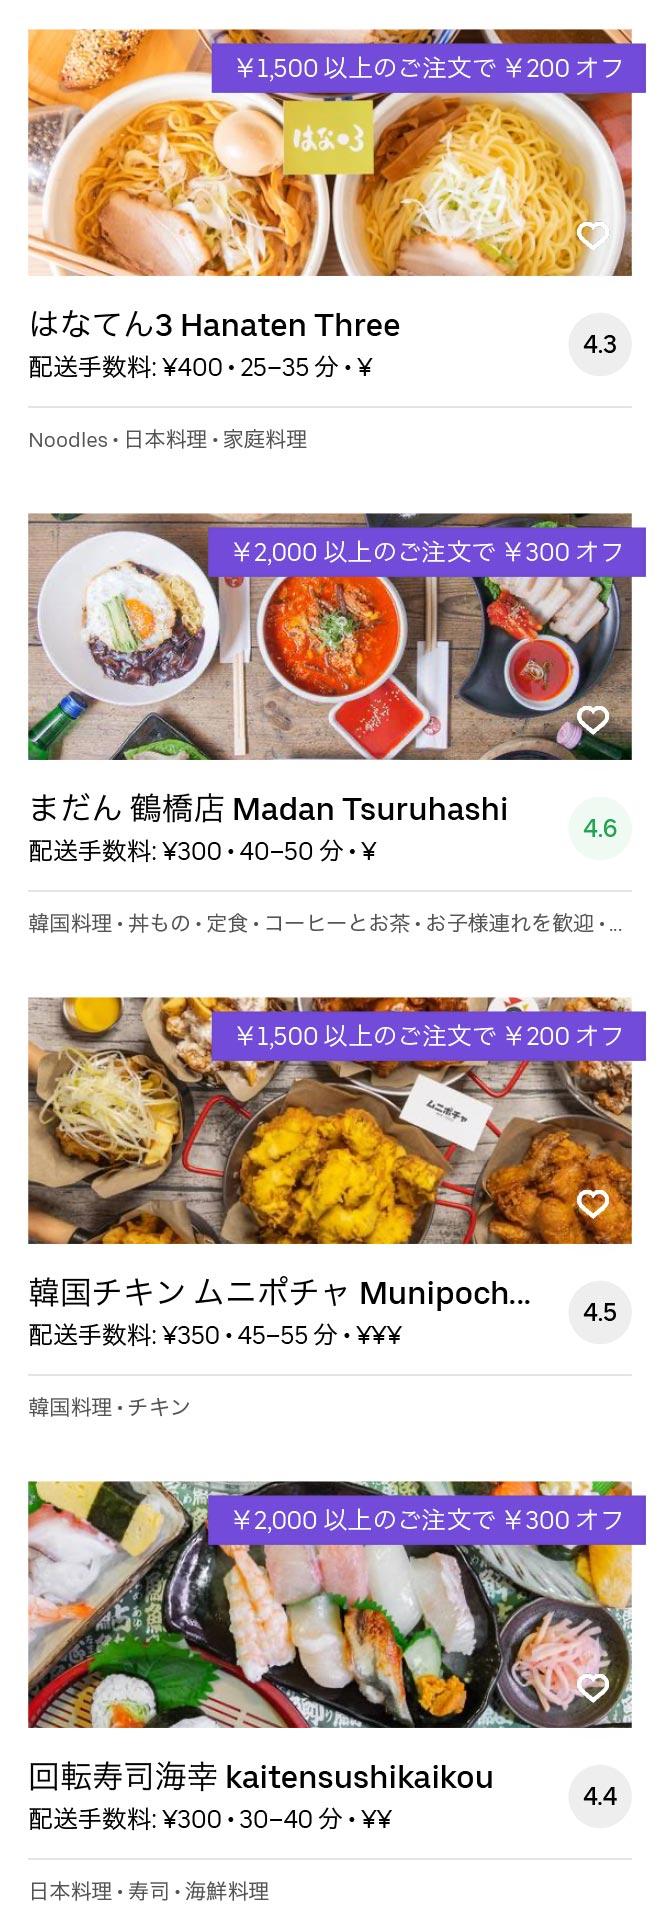 Higashi osaka nagase menu 2005 04